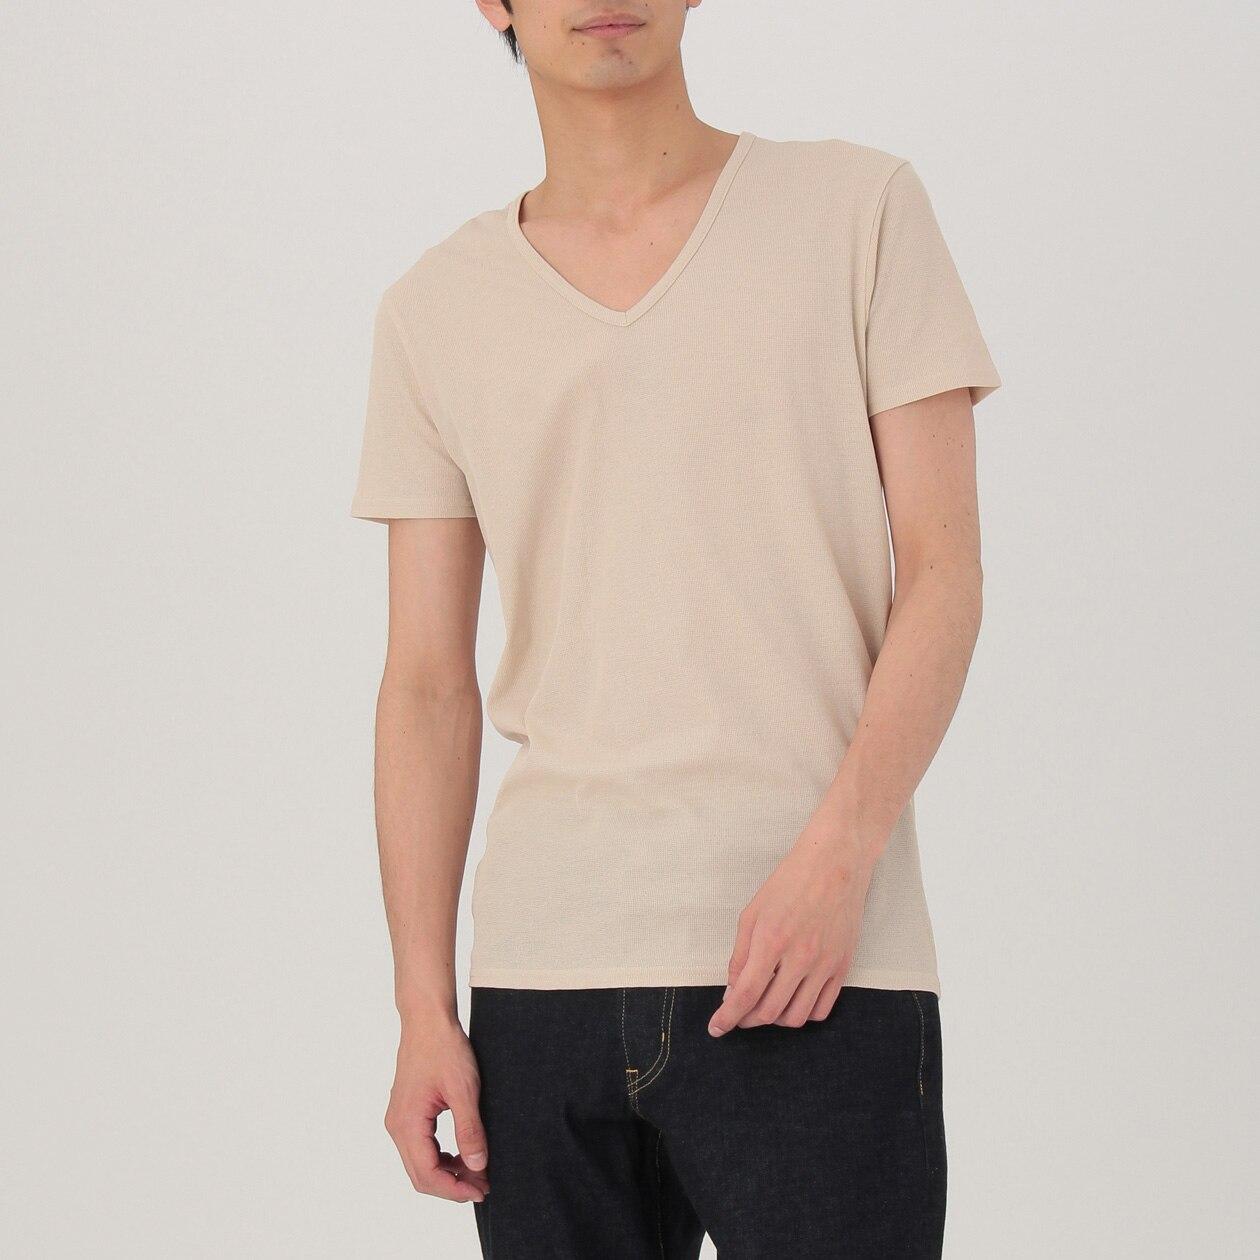 さらっとした 涼感メッシュ編みVネック半袖Tシャツ